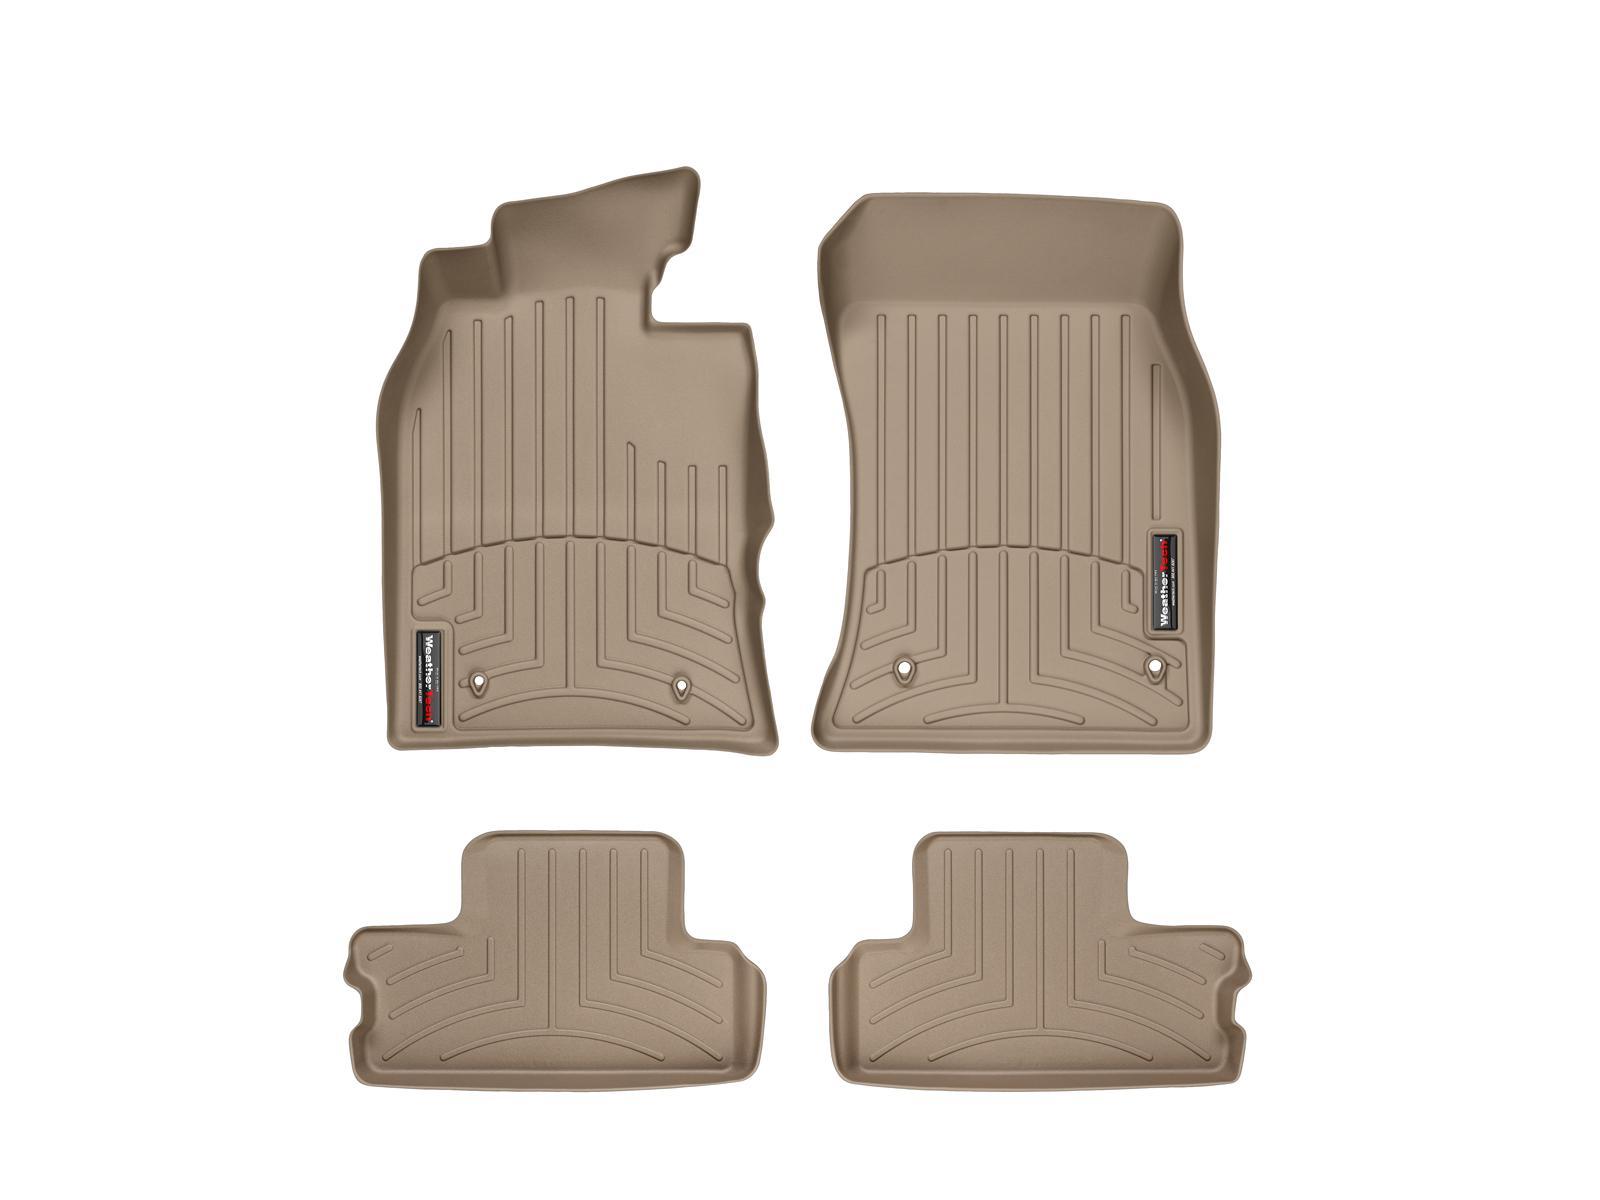 Tappeti gomma su misura bordo alto MINI Cooper / Cooper S 07>07 Marrone A2674